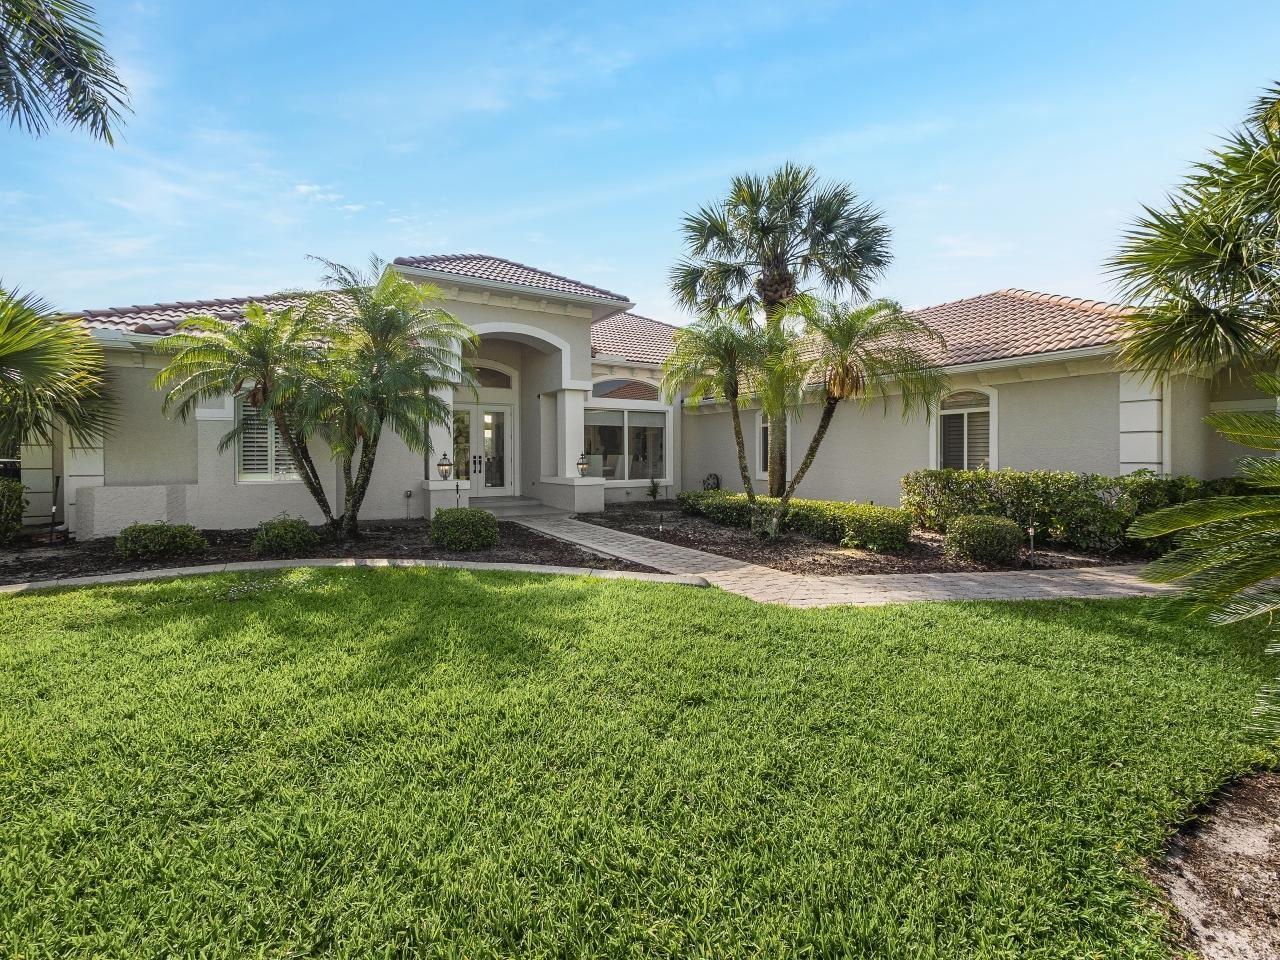 7802 Long Cove Way, Port Saint Lucie, FL 34986 - MLS#: RX-10716043